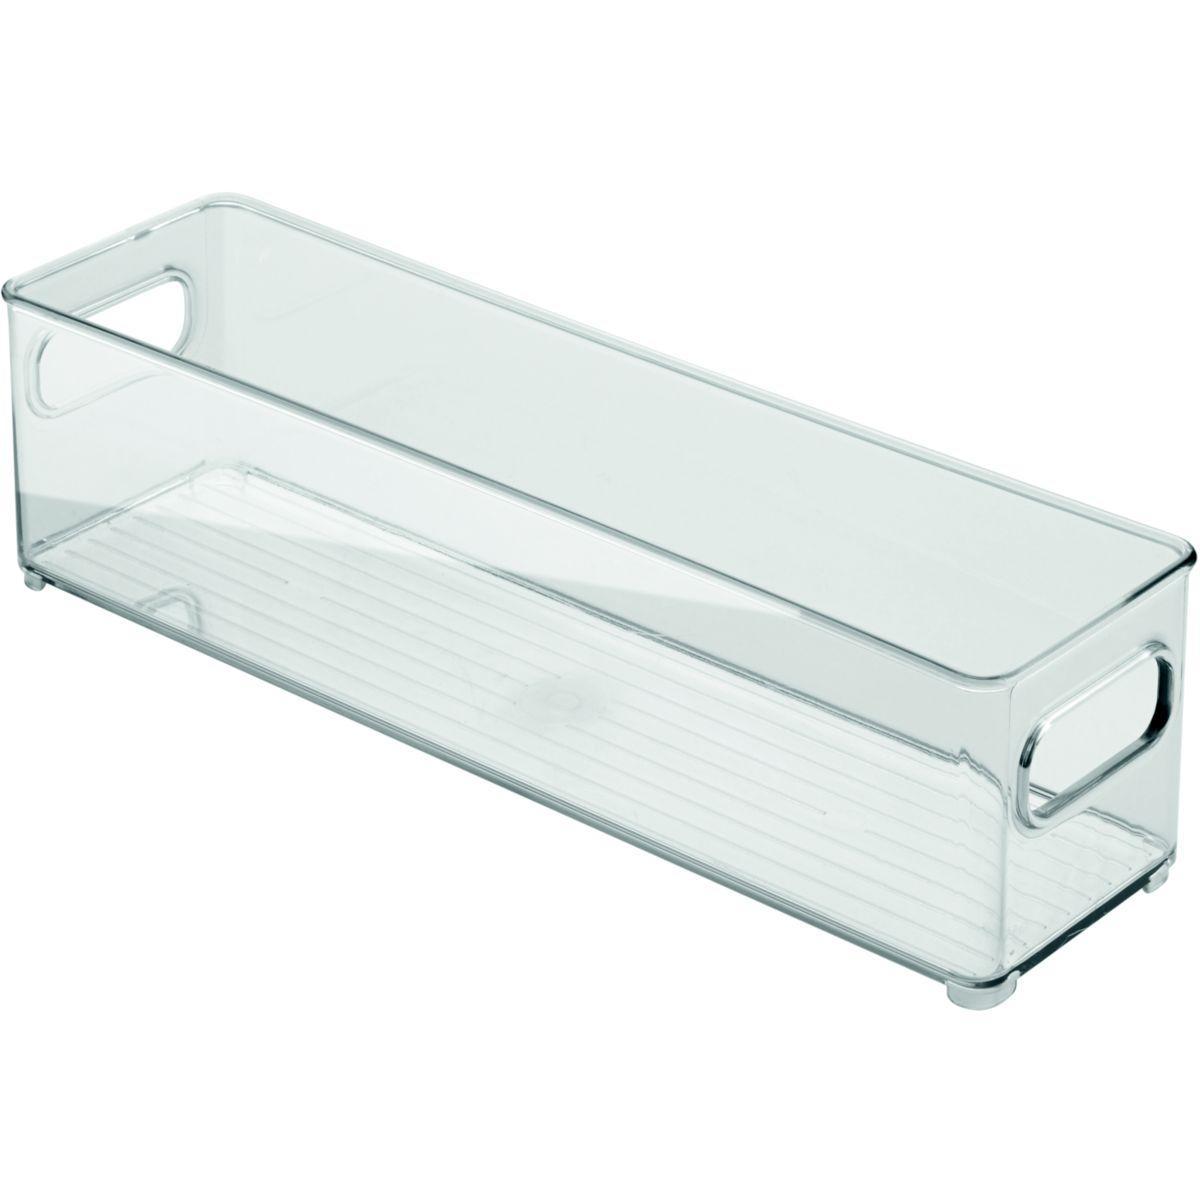 Boite de rangement interdesign pour refrigerateur et congelateur 4x4 - 5% de remise imm�